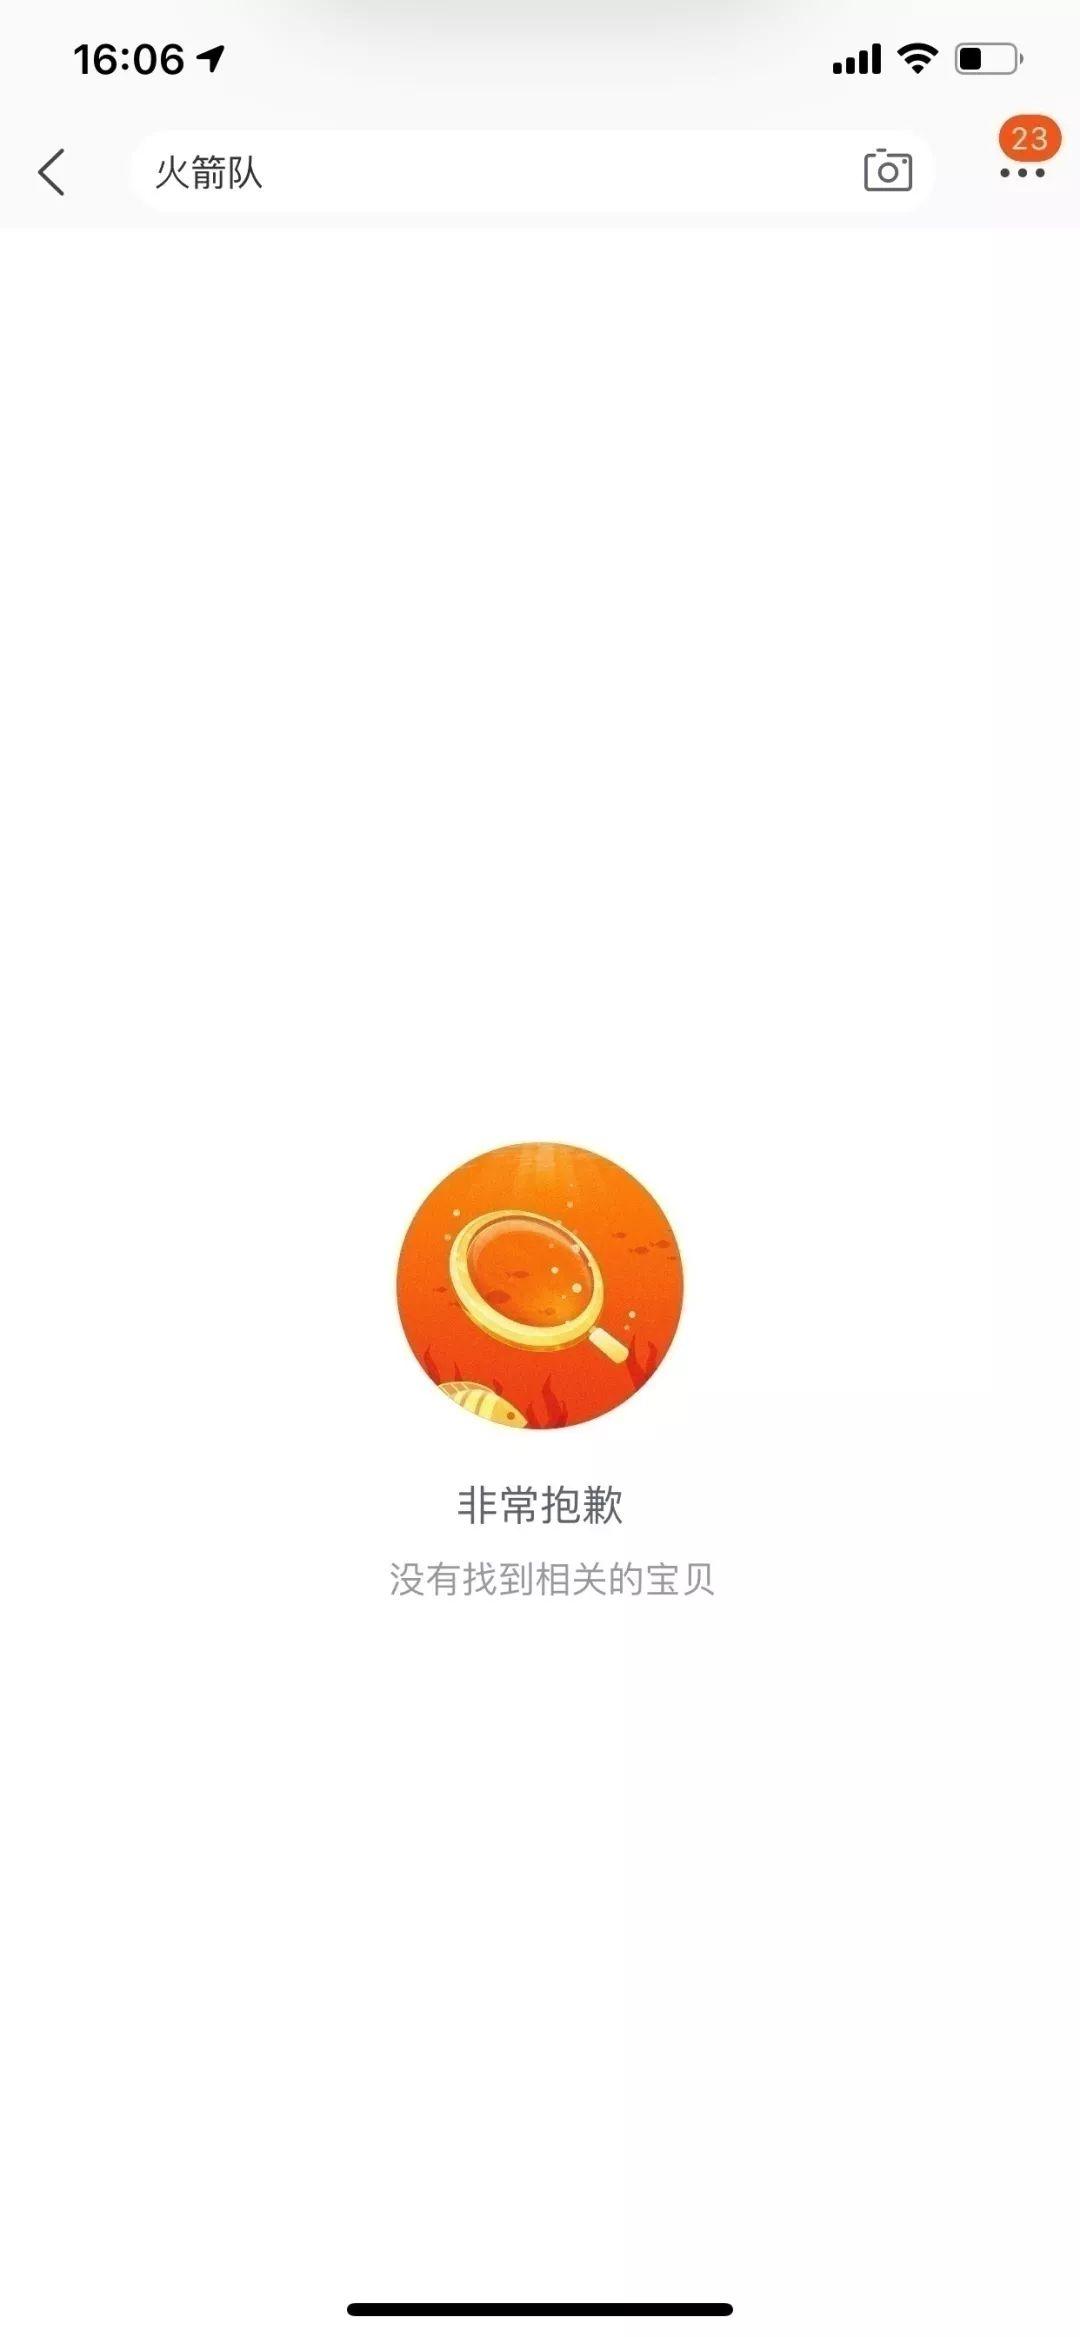 """深圳建设""""先行示范区"""" 八大看点"""